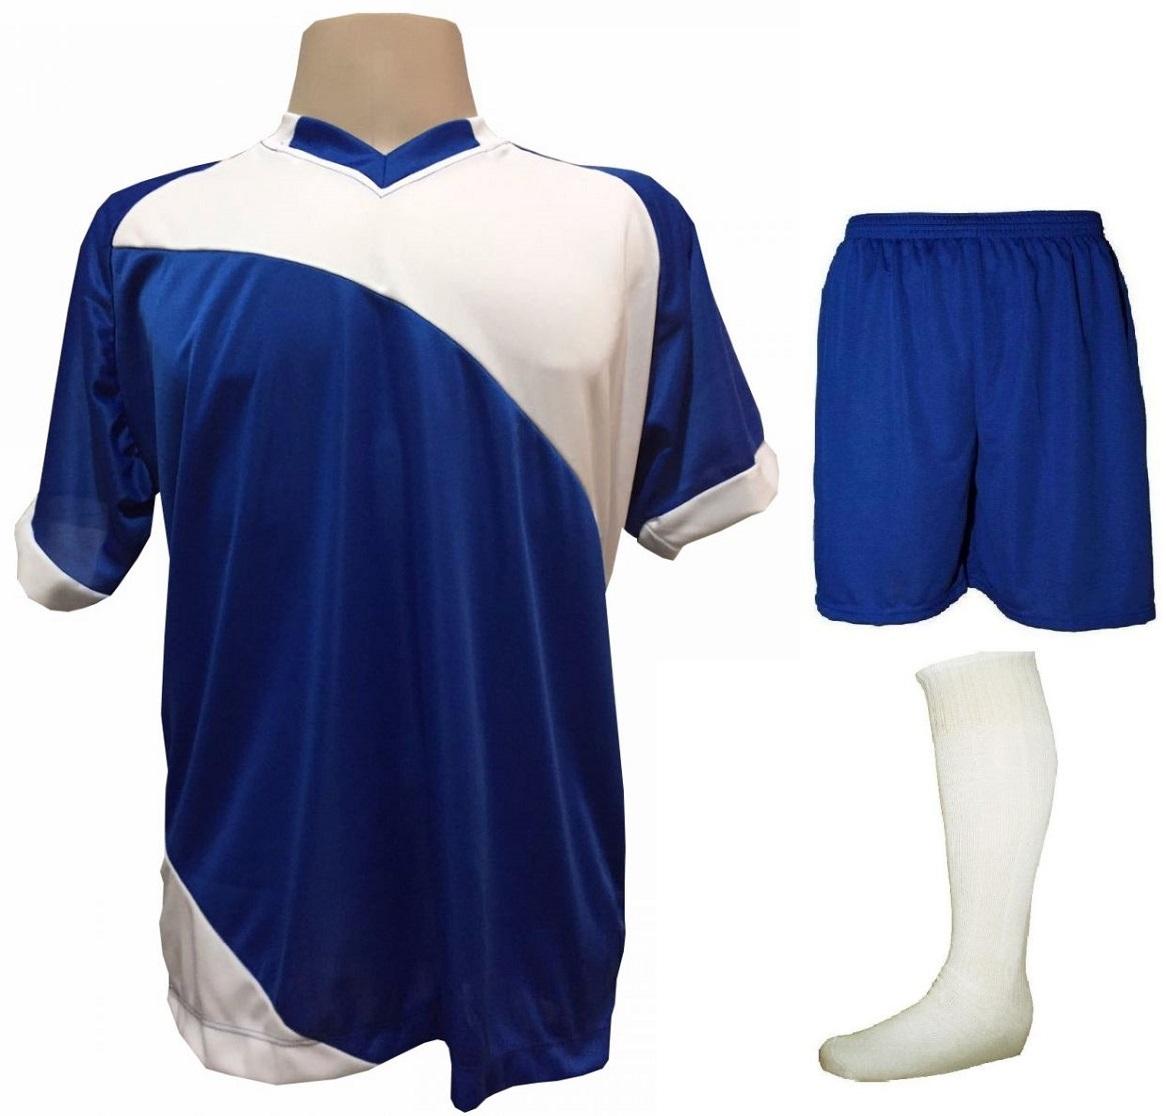 Uniforme Esportivo com 20 camisas modelo Bélgica Royal/Branco + 20 calções modelo Madrid Royal + 20 pares de meiões Branco